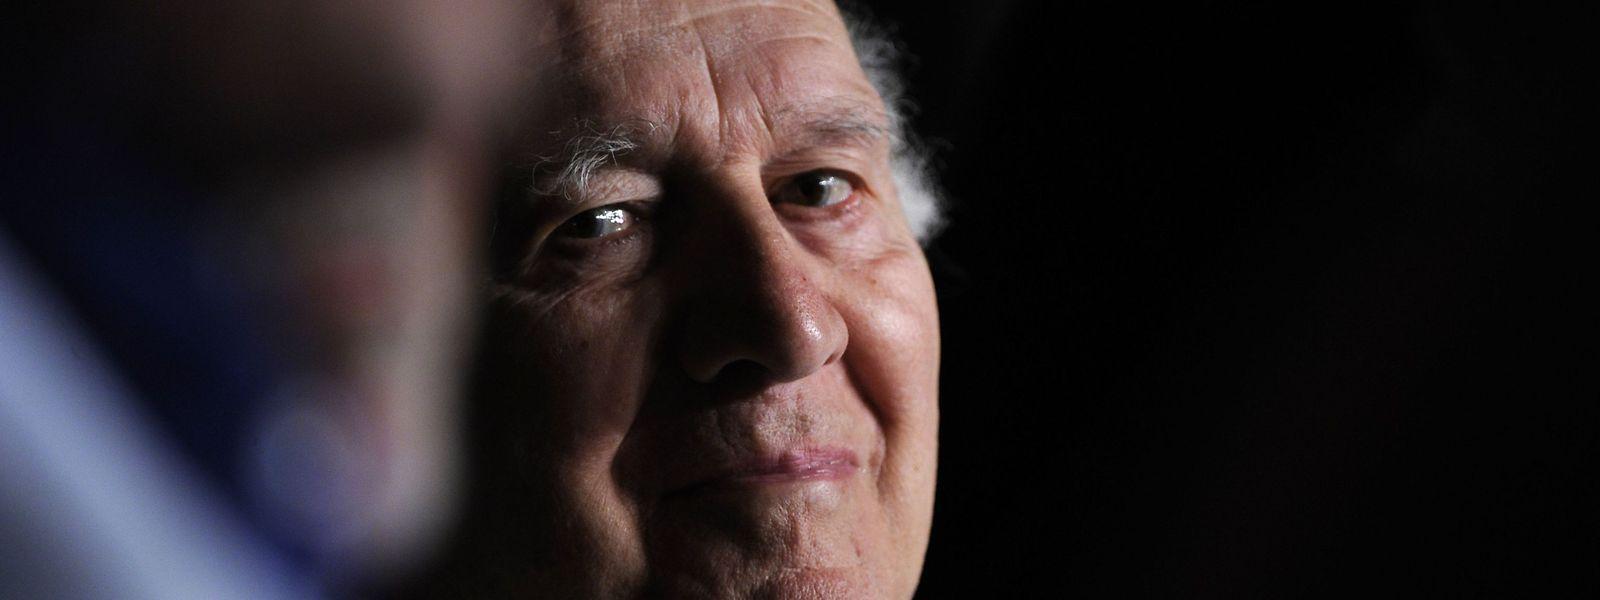 Michel Piccoli galt als einer der bedeutendsten Charakterdarsteller Frankreichs und spielte in mehr als 150 Filmen.